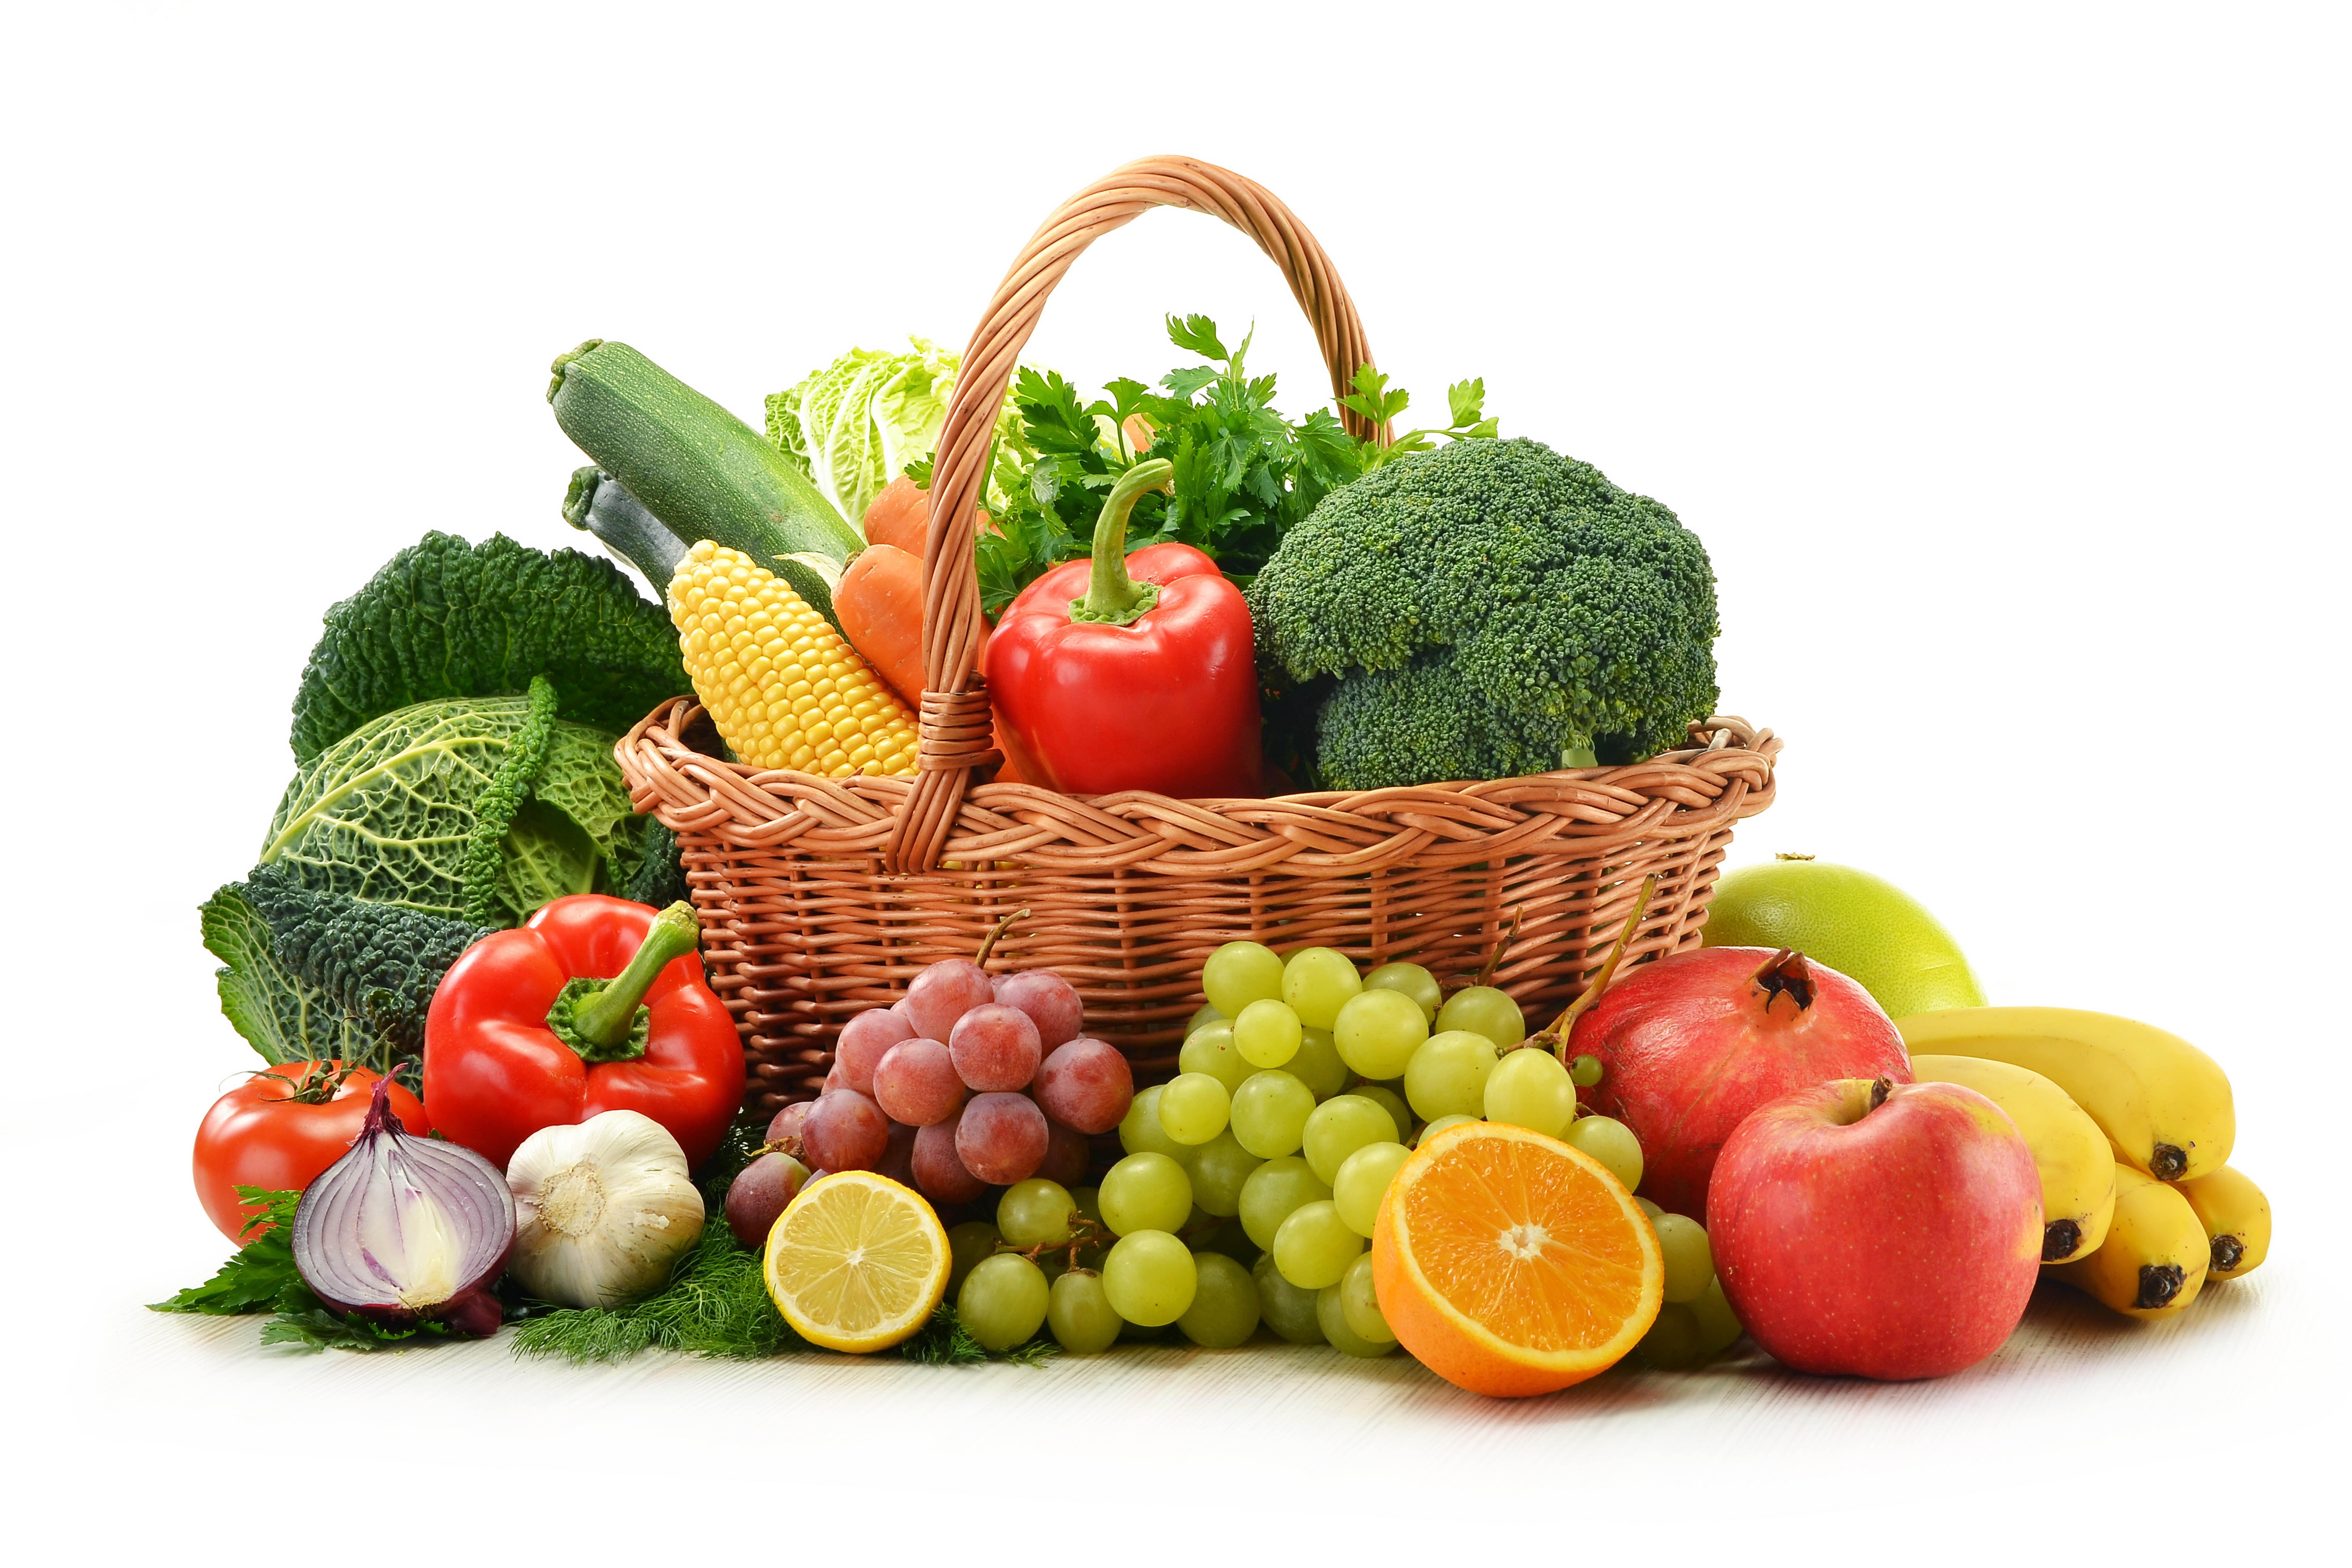 Чем полезны овощи и фрукты разных цветов? - фрукты и овощи